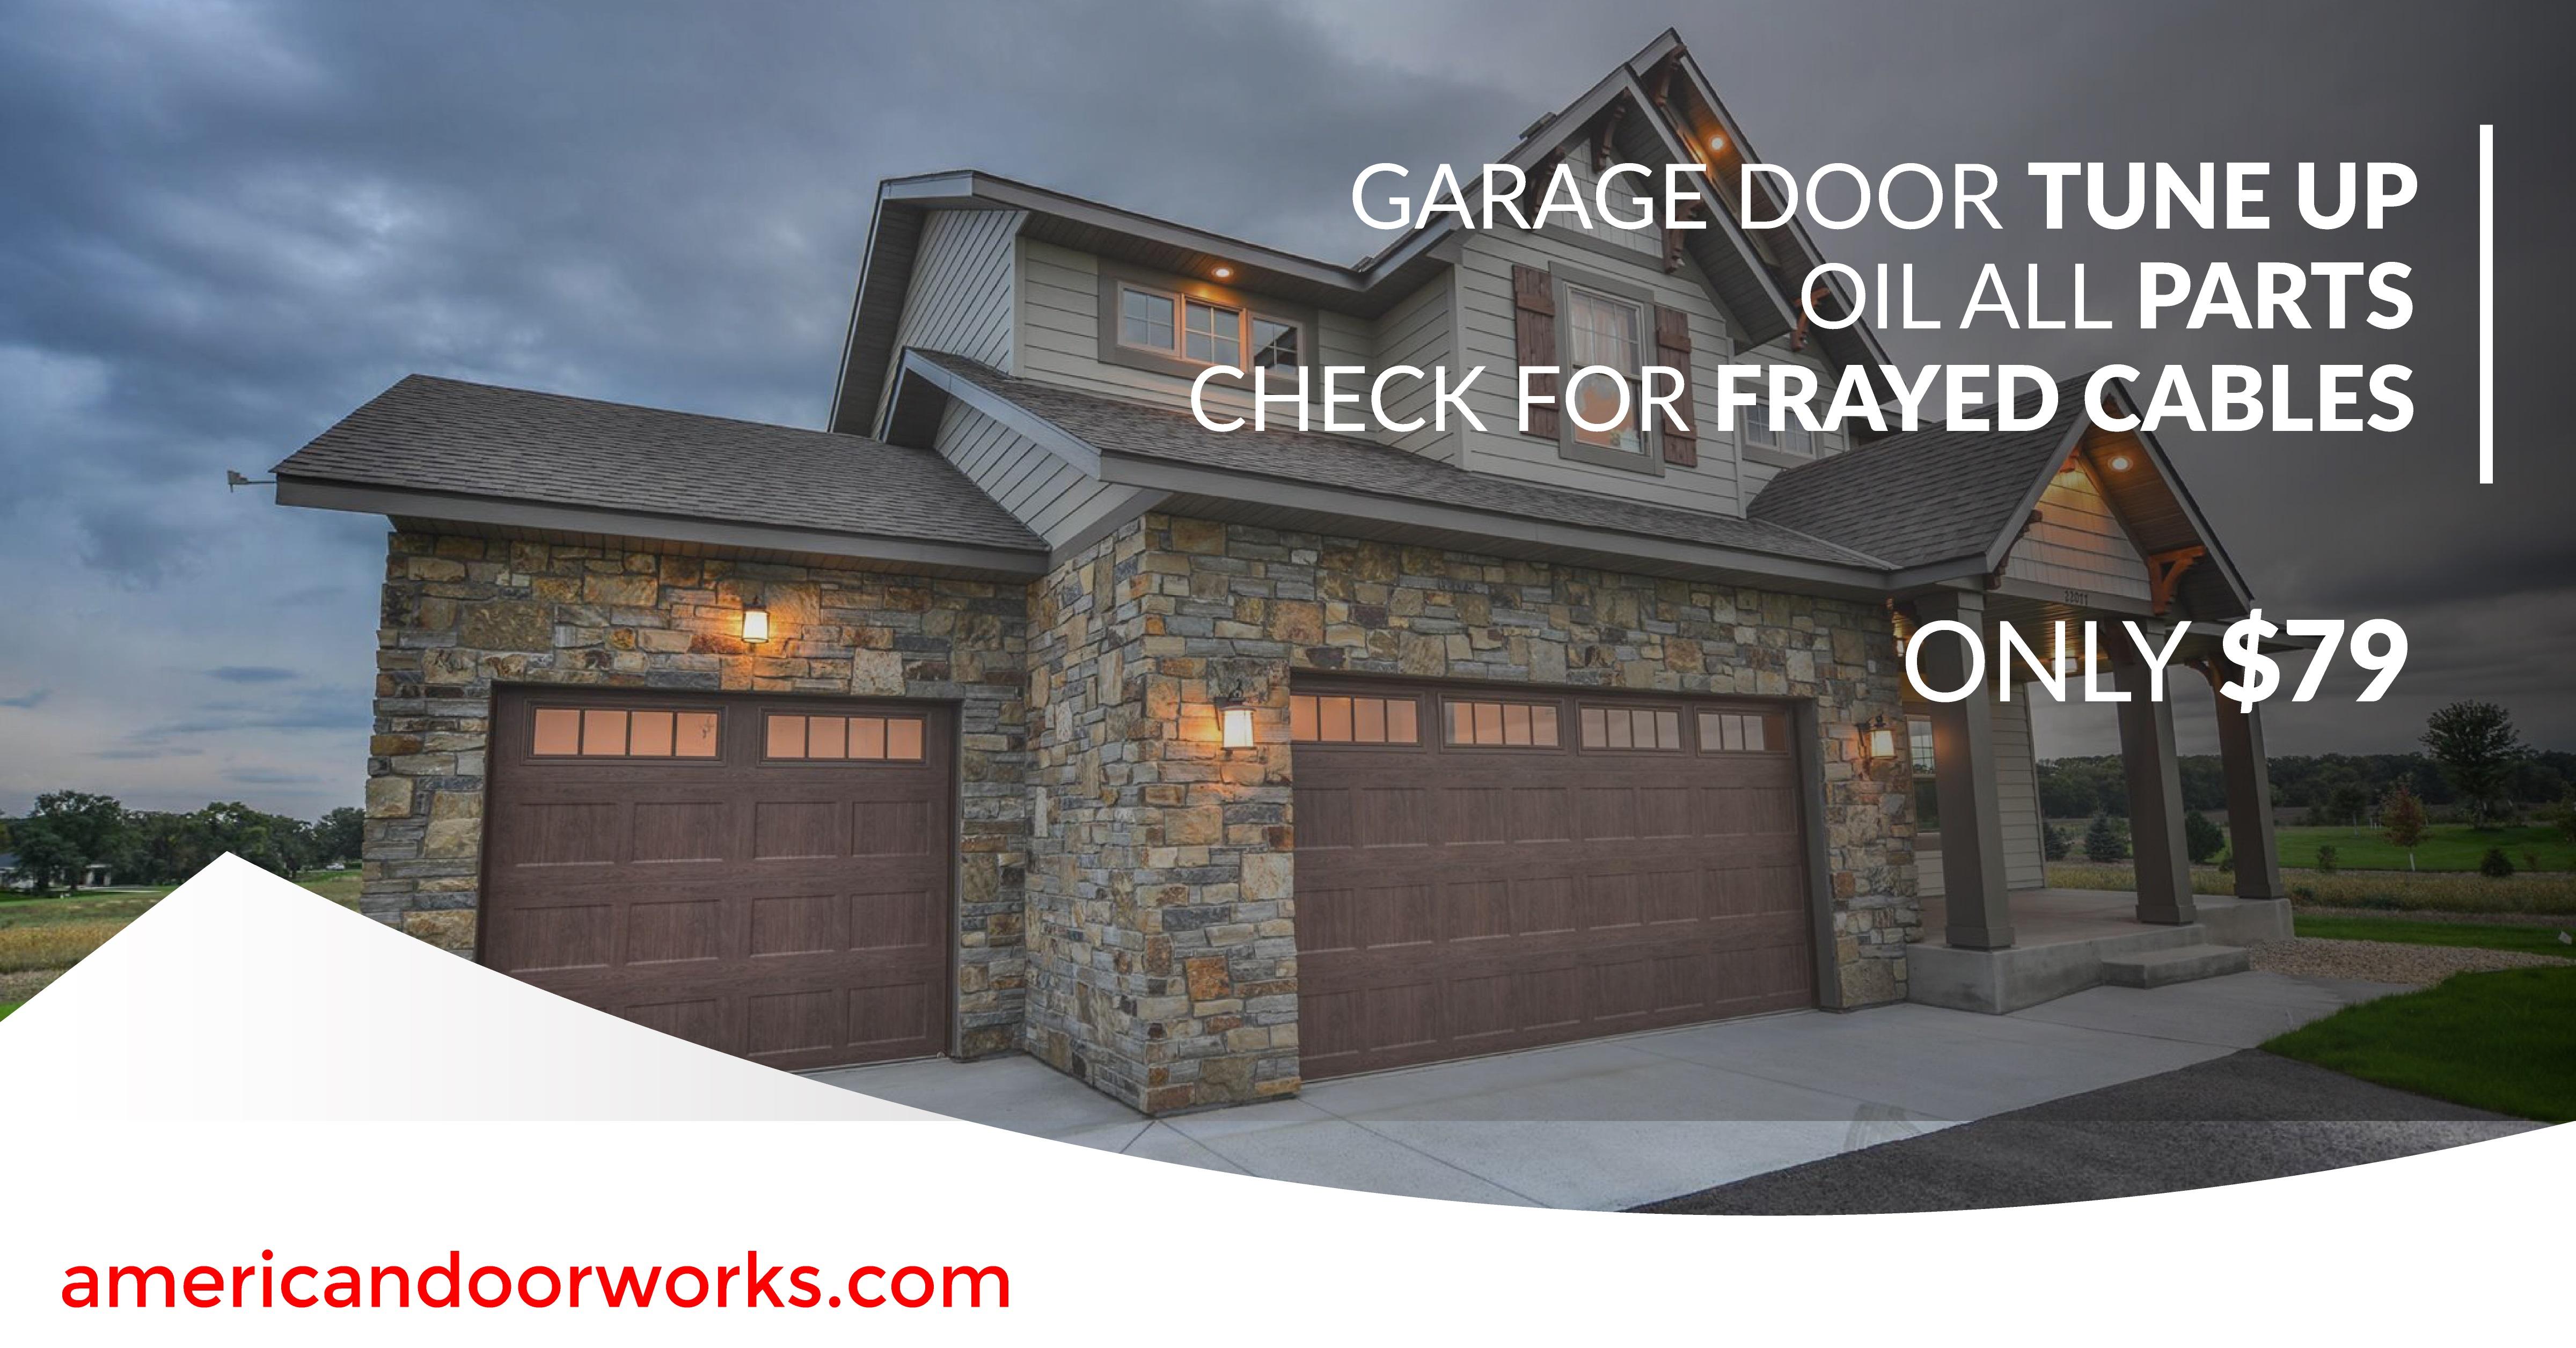 American Door Works Get Your Garage Ready For Winter